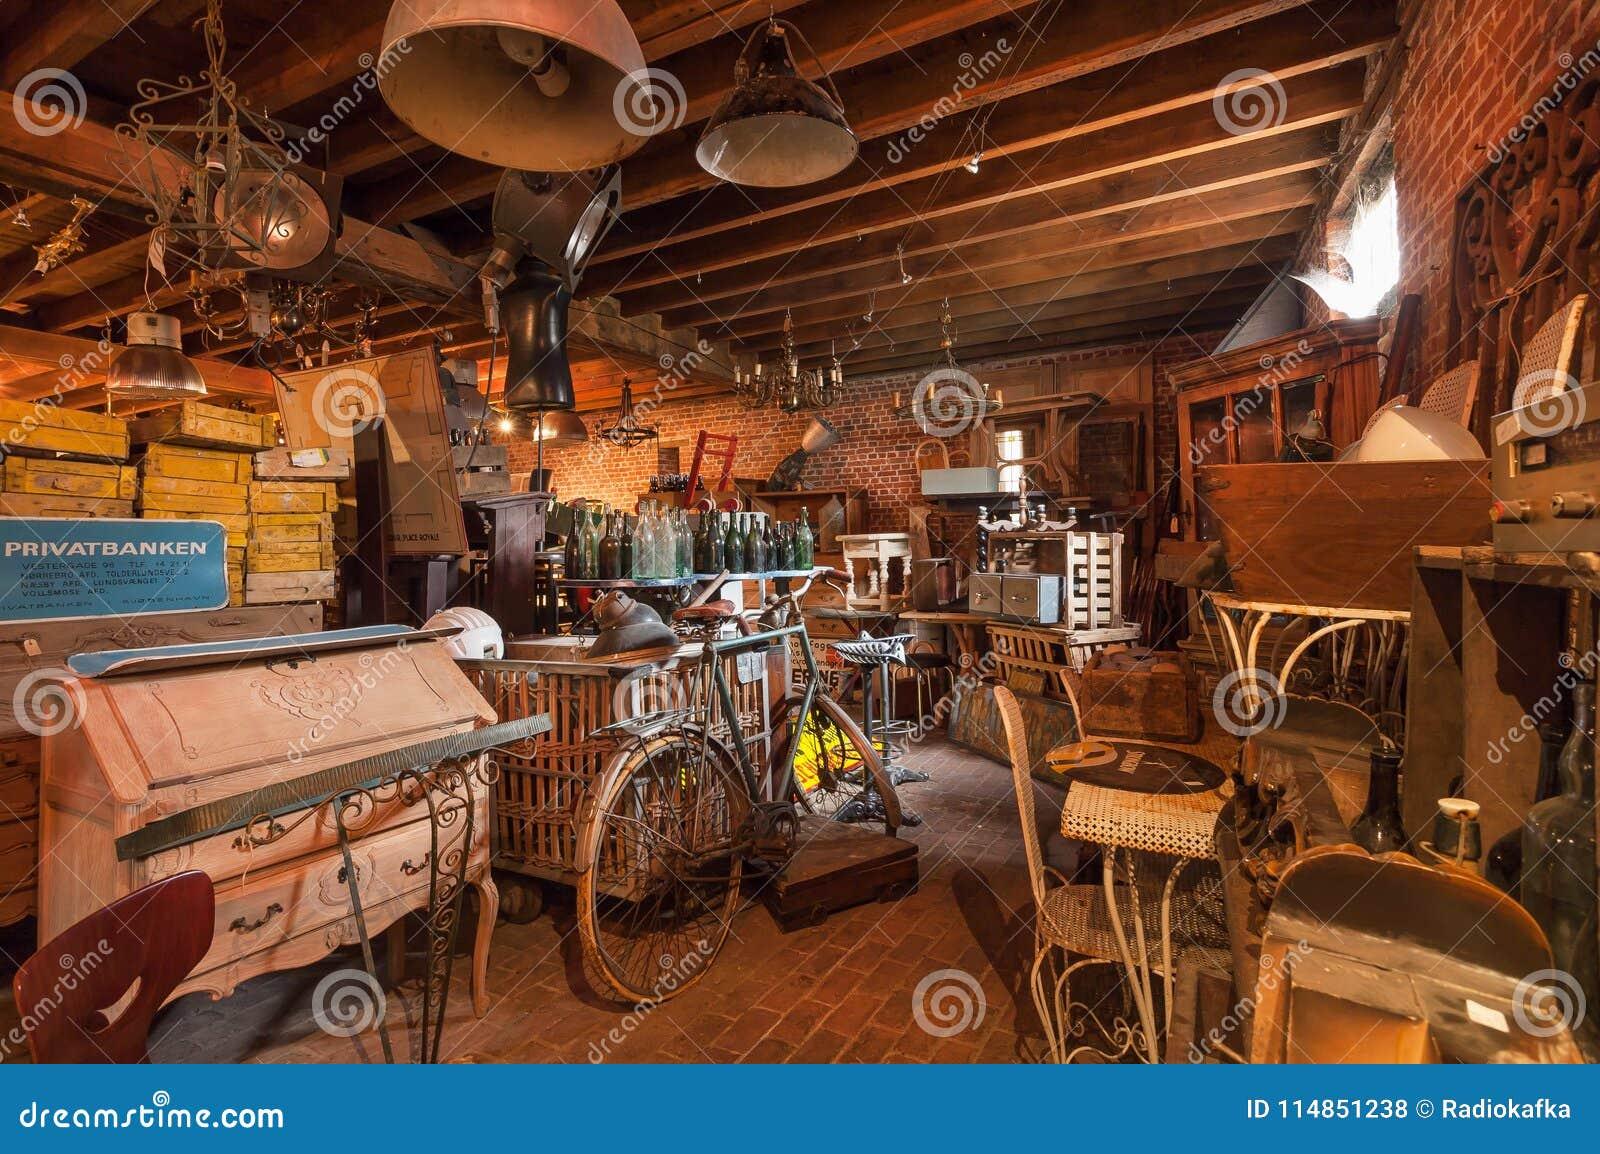 Tico de la tienda antigua vieja con muchos utensilio del vintage decoraci n muebles de madera - Desvan vintage ...